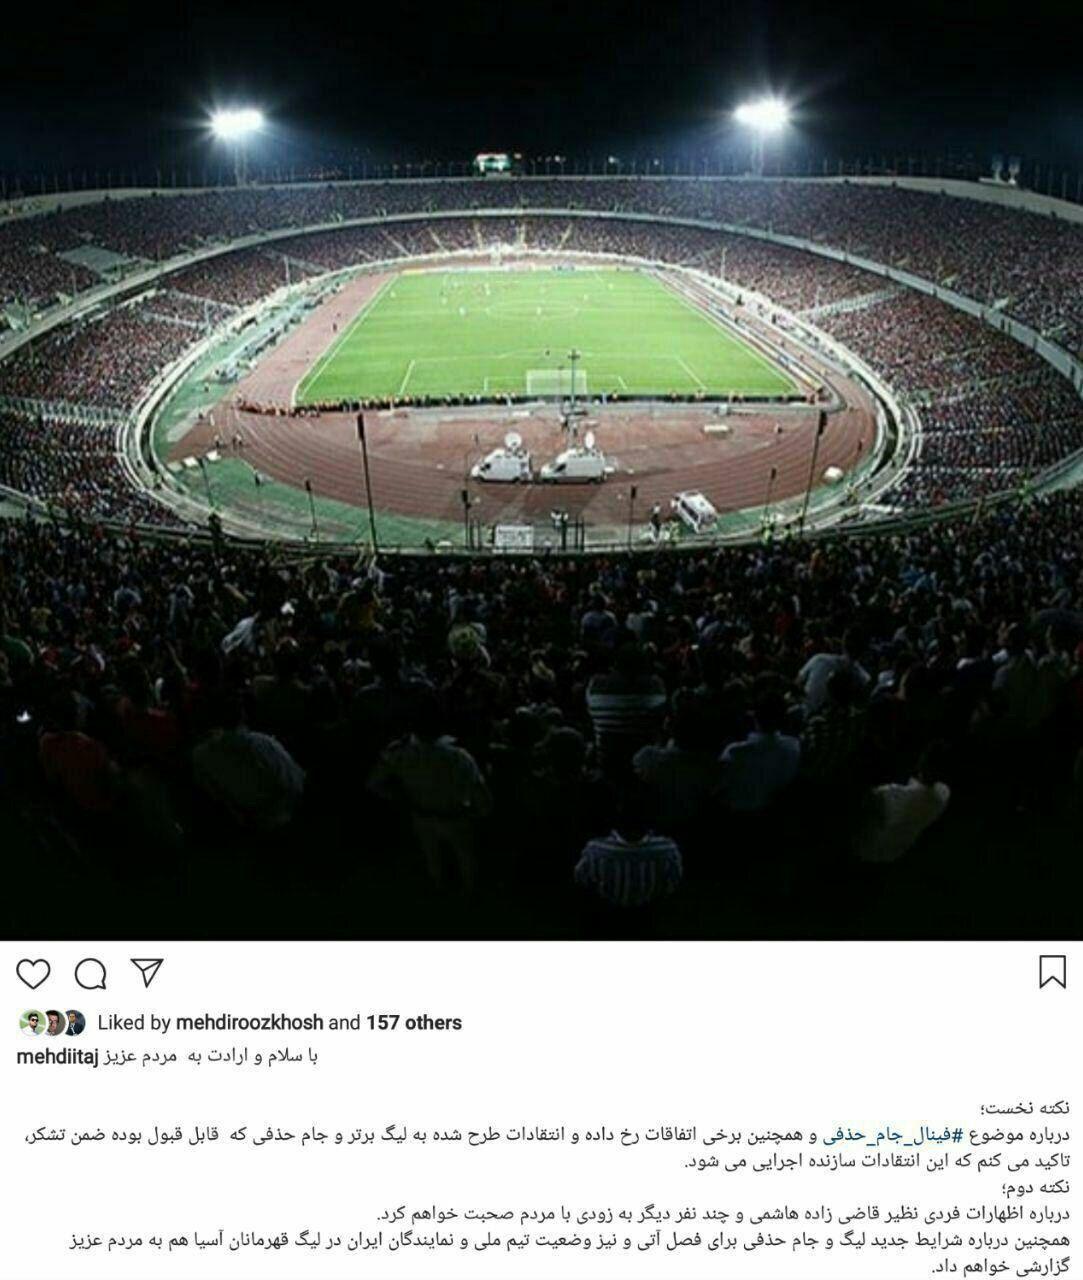 واکنش مهدی تاج به اتفاقات فینال جام حذفی